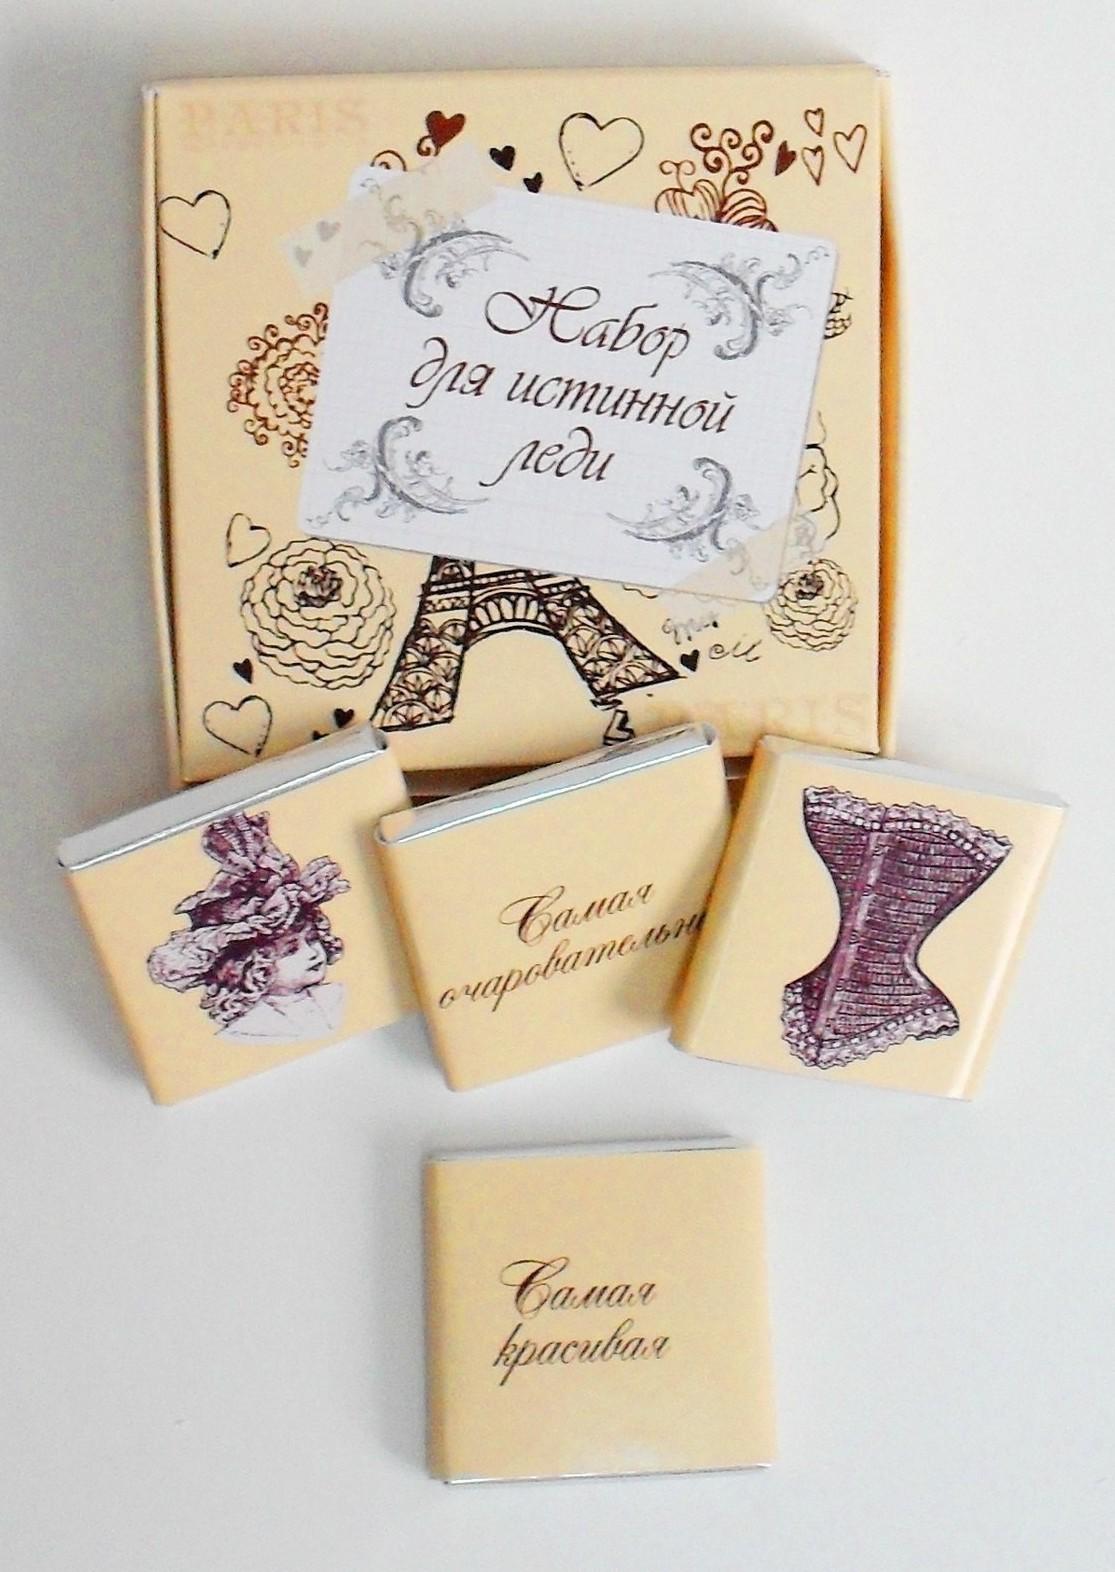 Шоколадный мини-набор Набор для истиной леди